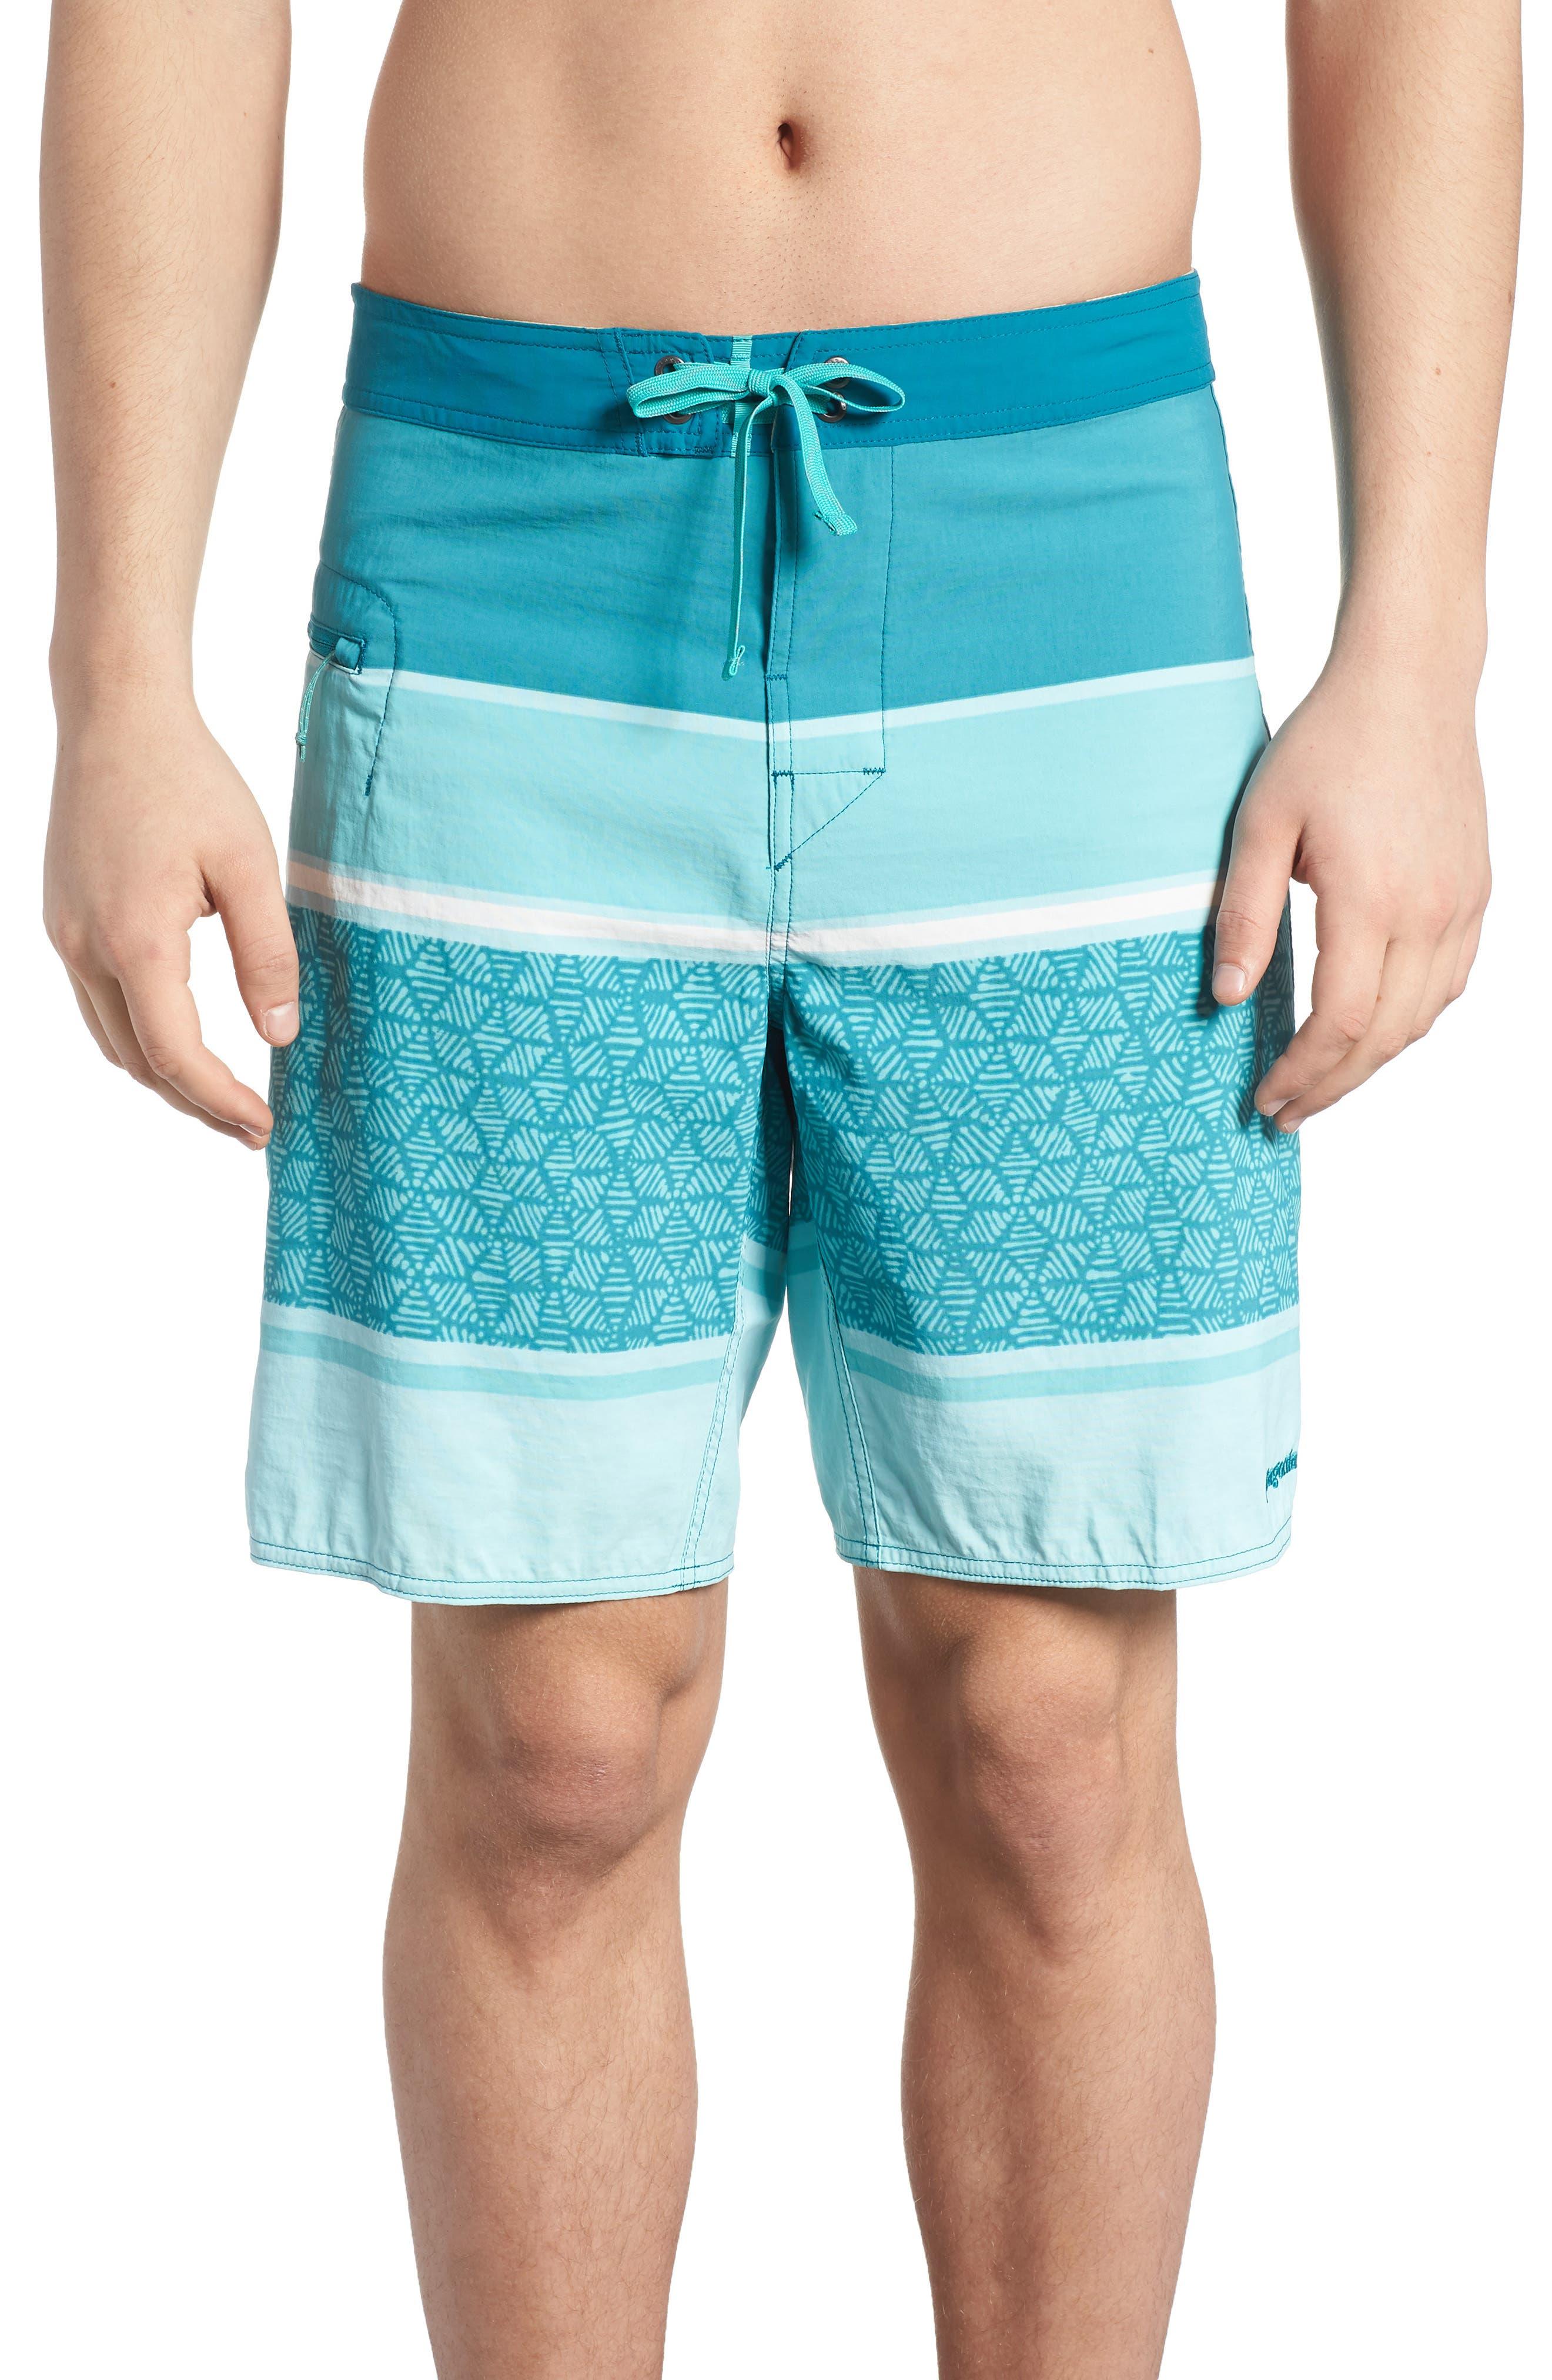 Wavefarer Board Shorts,                         Main,                         color, Batik Hex Stripe Bend Blue